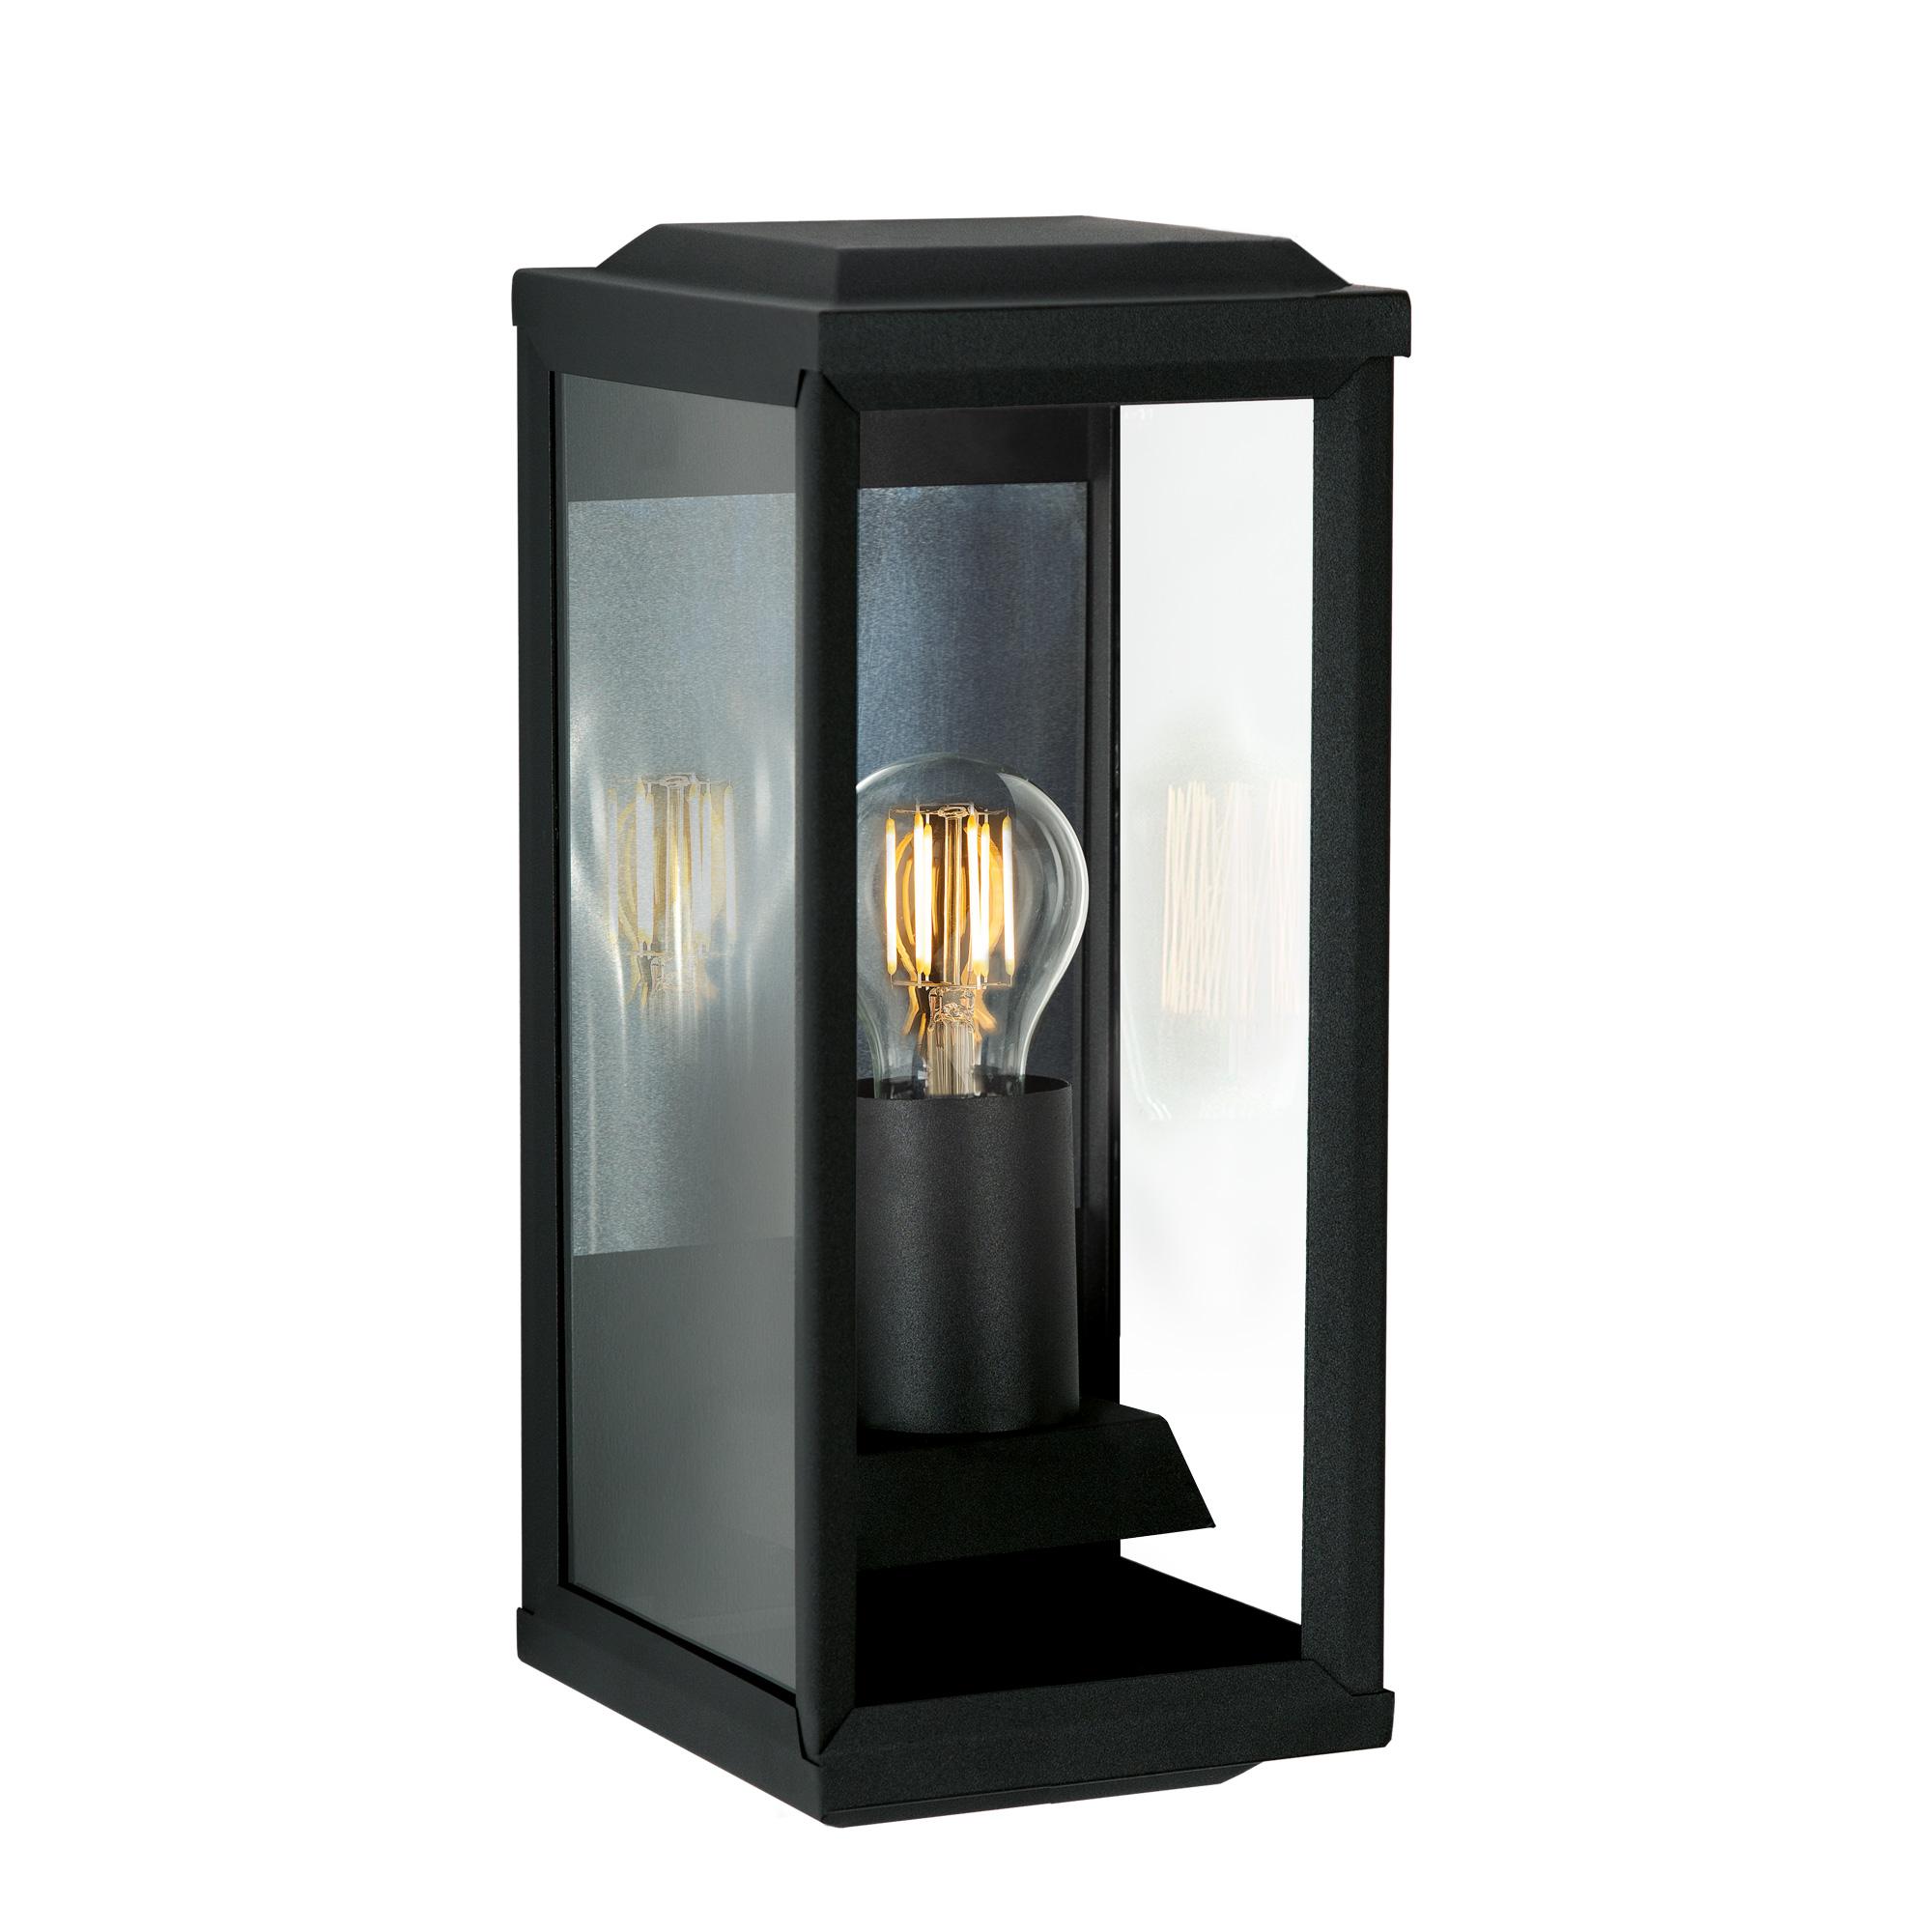 Buitenlamp apos t Gooi Zwart Wandlamp Plat Medium